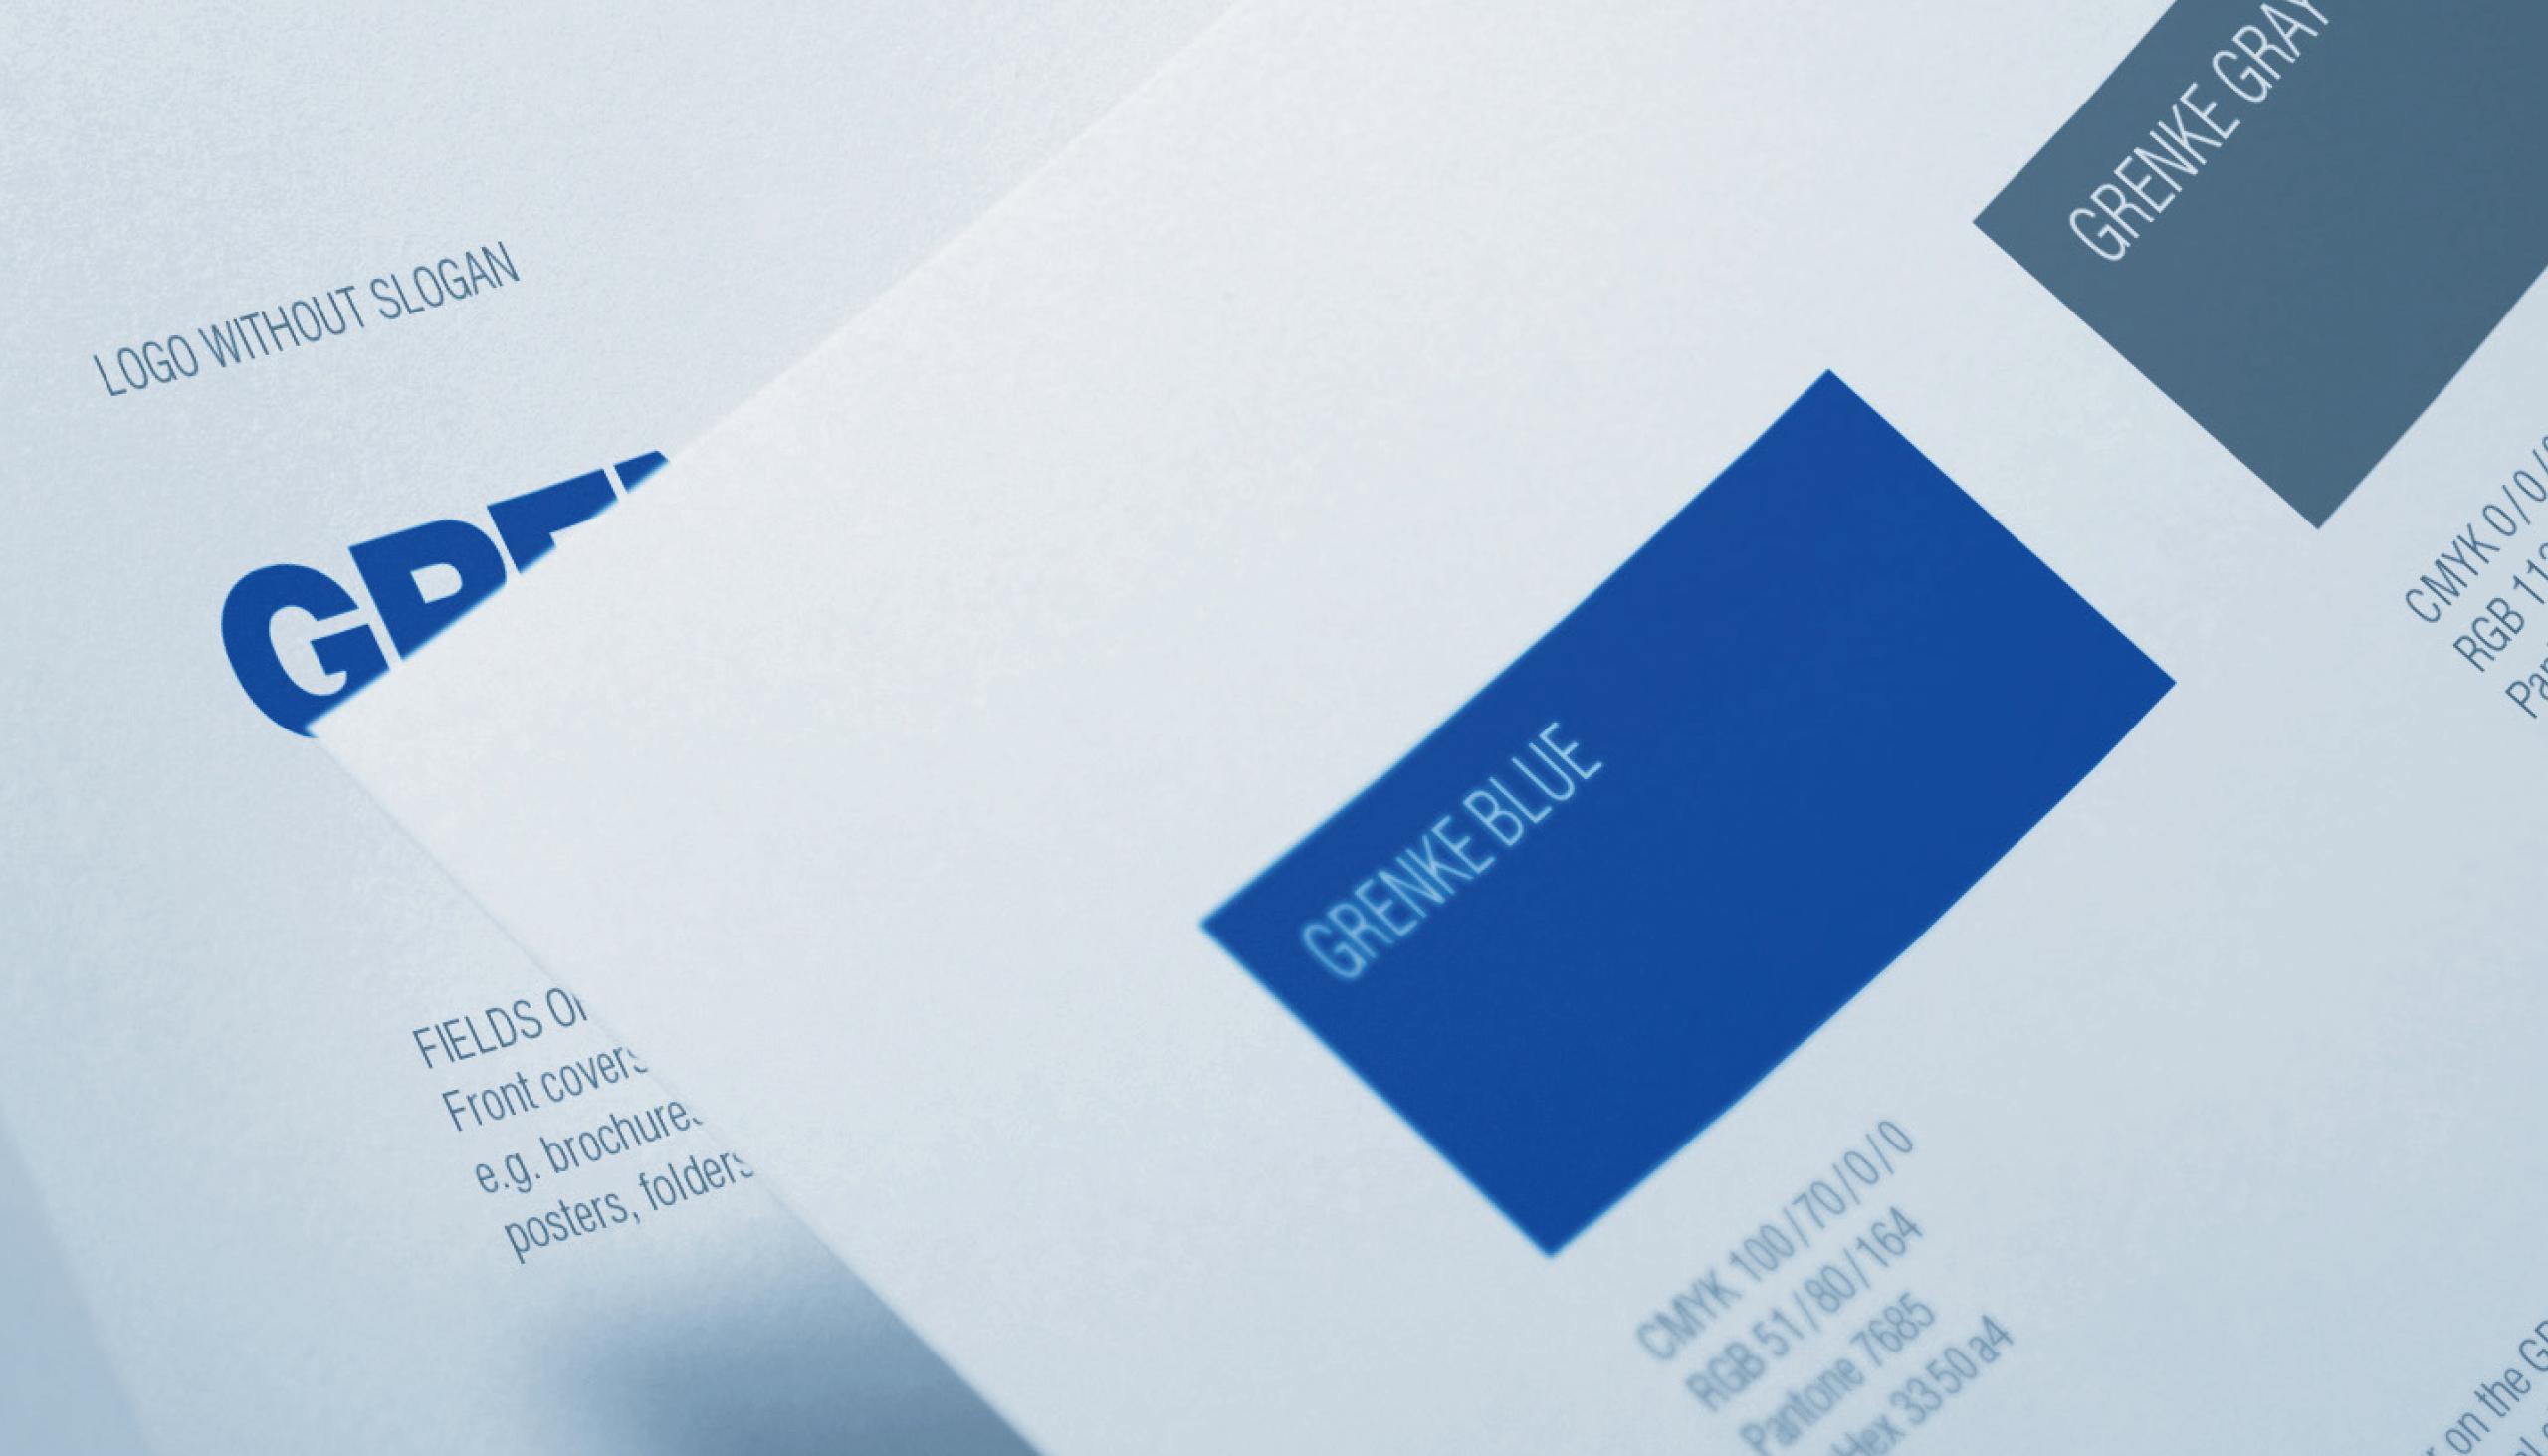 Bourdonné Design Grenke Corporate Design Manual